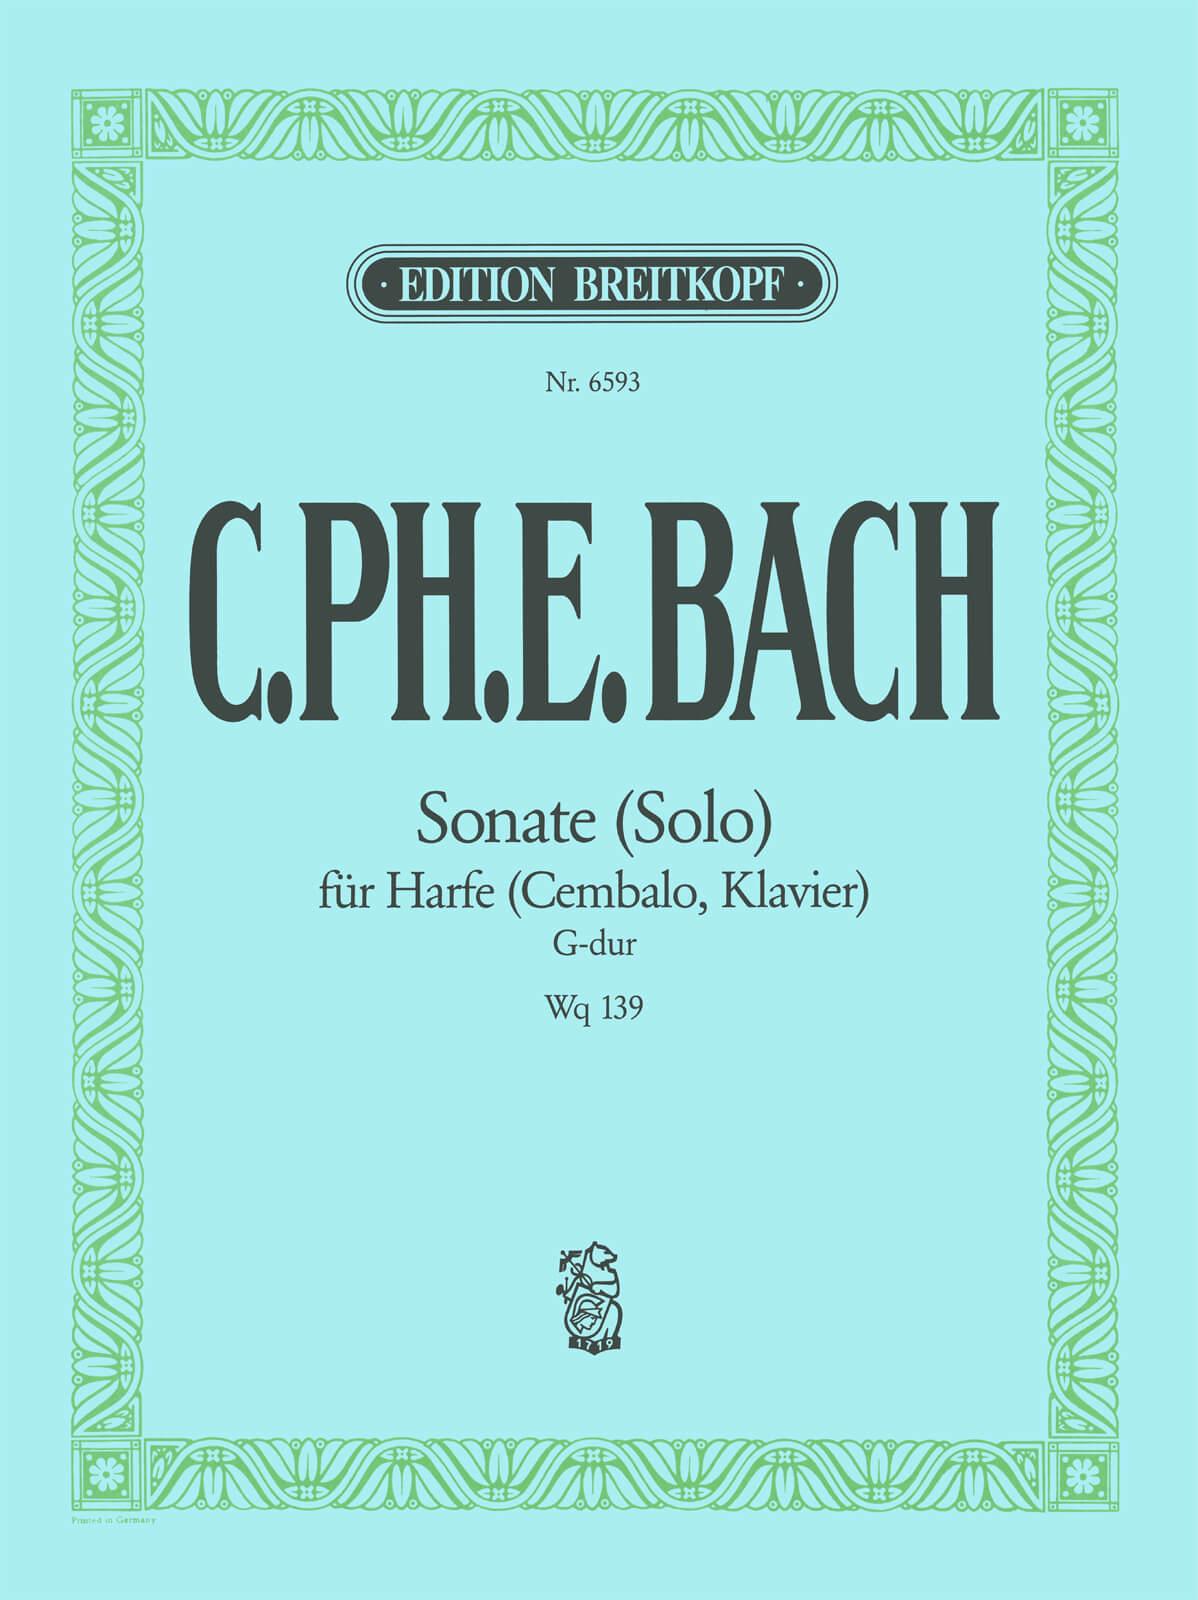 Sonate (Solo) Wq 139